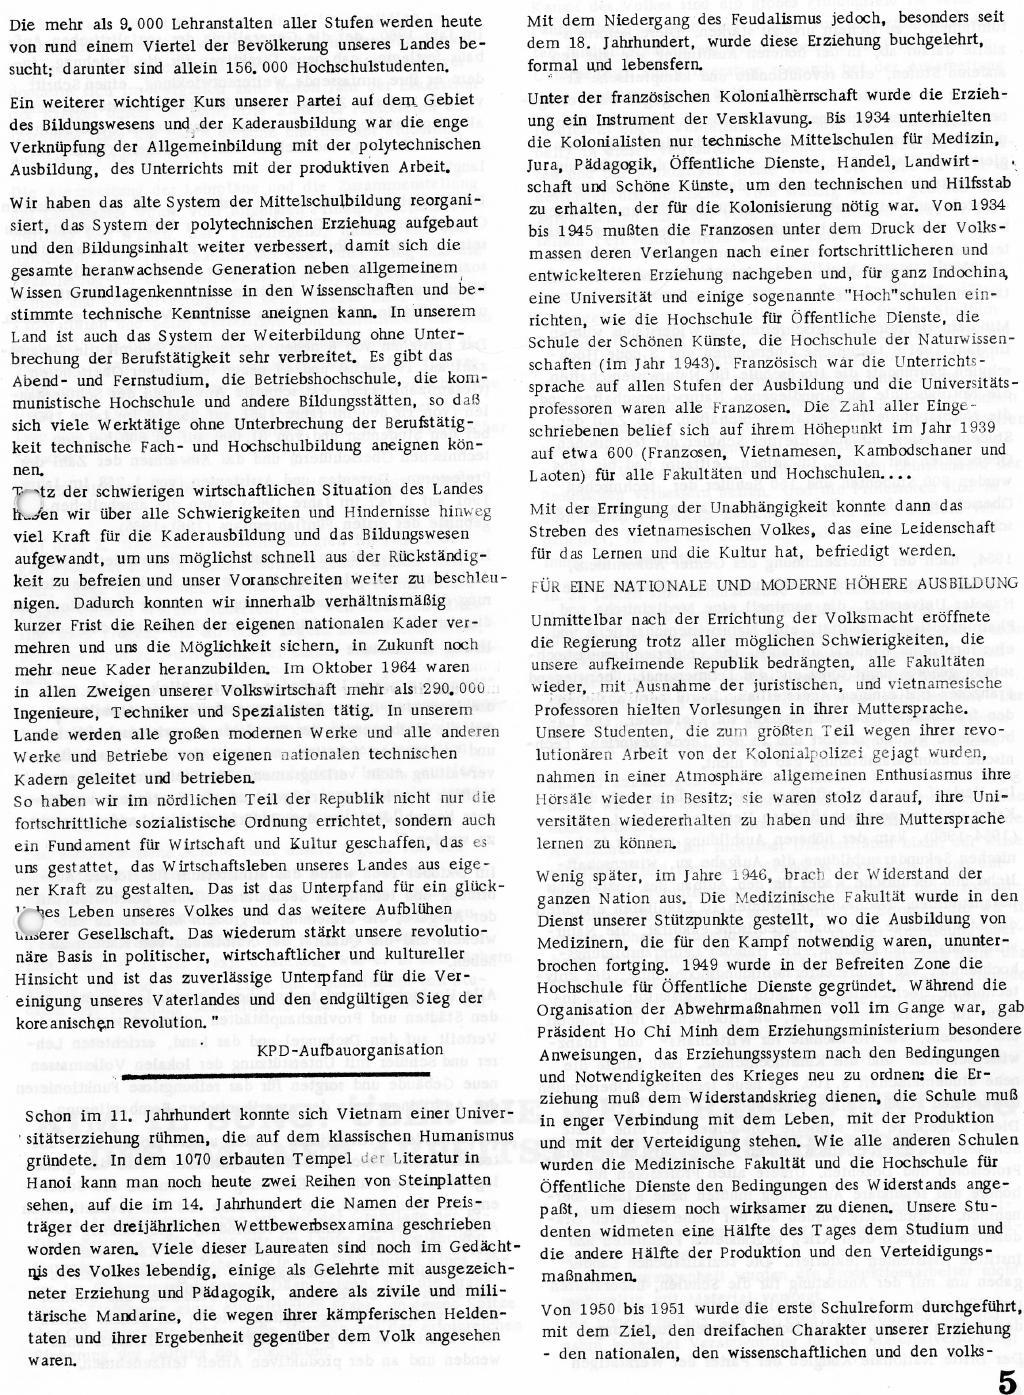 RPK_1970_091_05